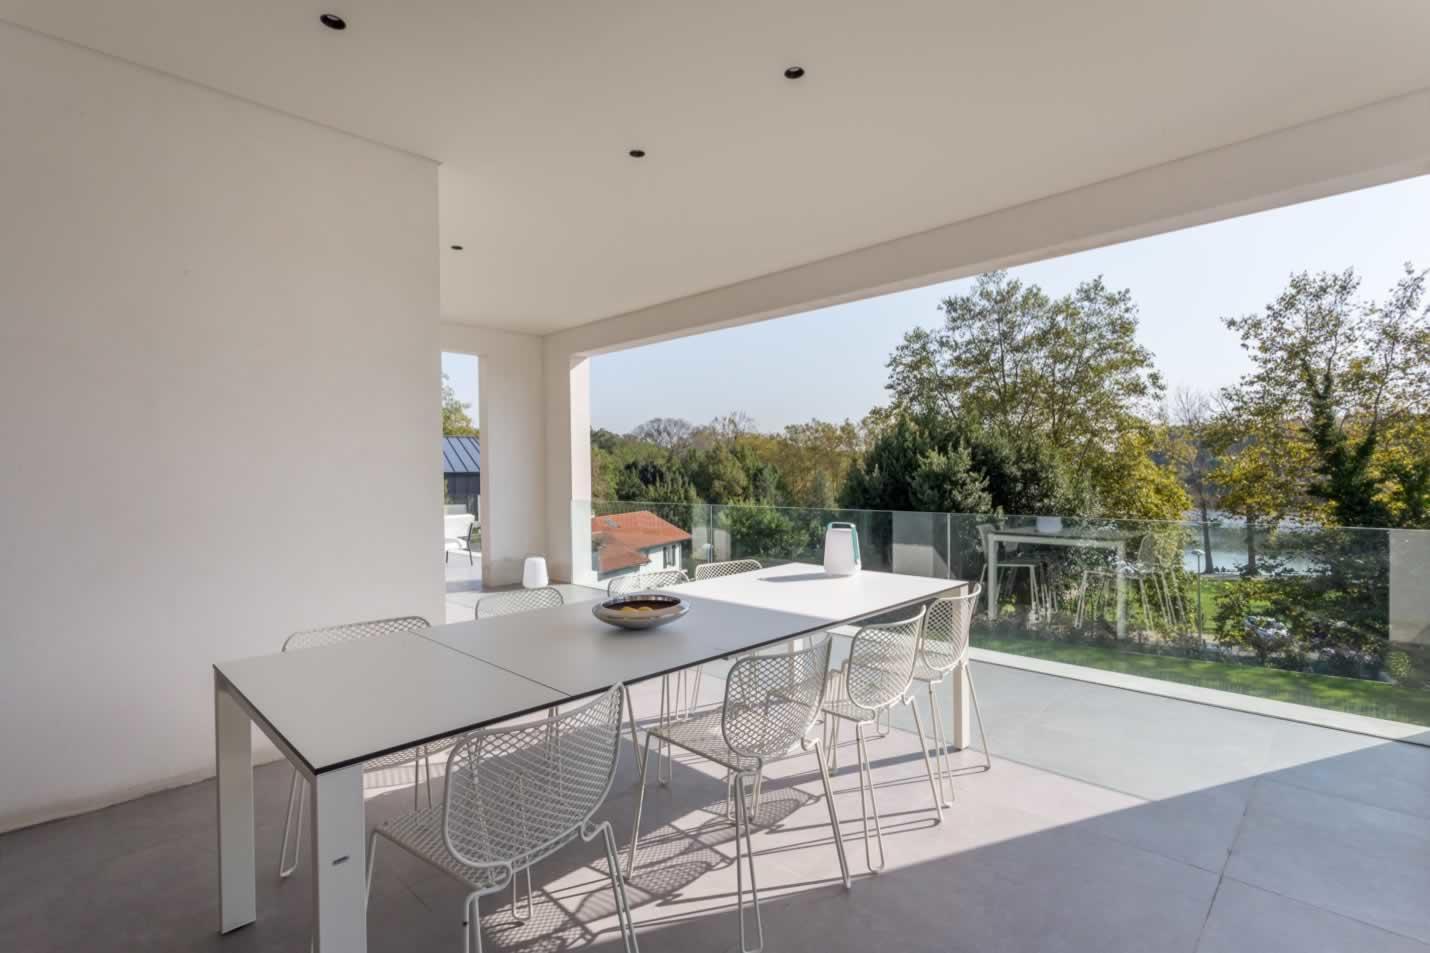 belle-maison-architecte-a-vendre-biarritz-vue-lac-marion-terrasse-baies-vitrees-piscine-chauffee-garage-parking